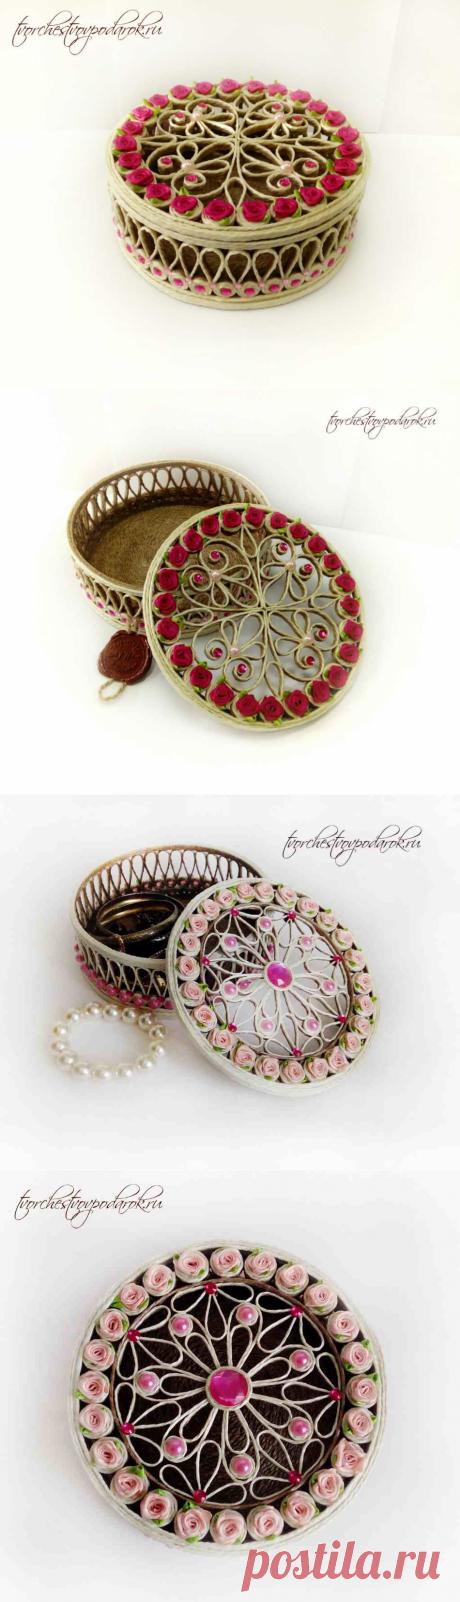 Шкатулка с цветами   Джутовая филигрань   Шкатулка из джута